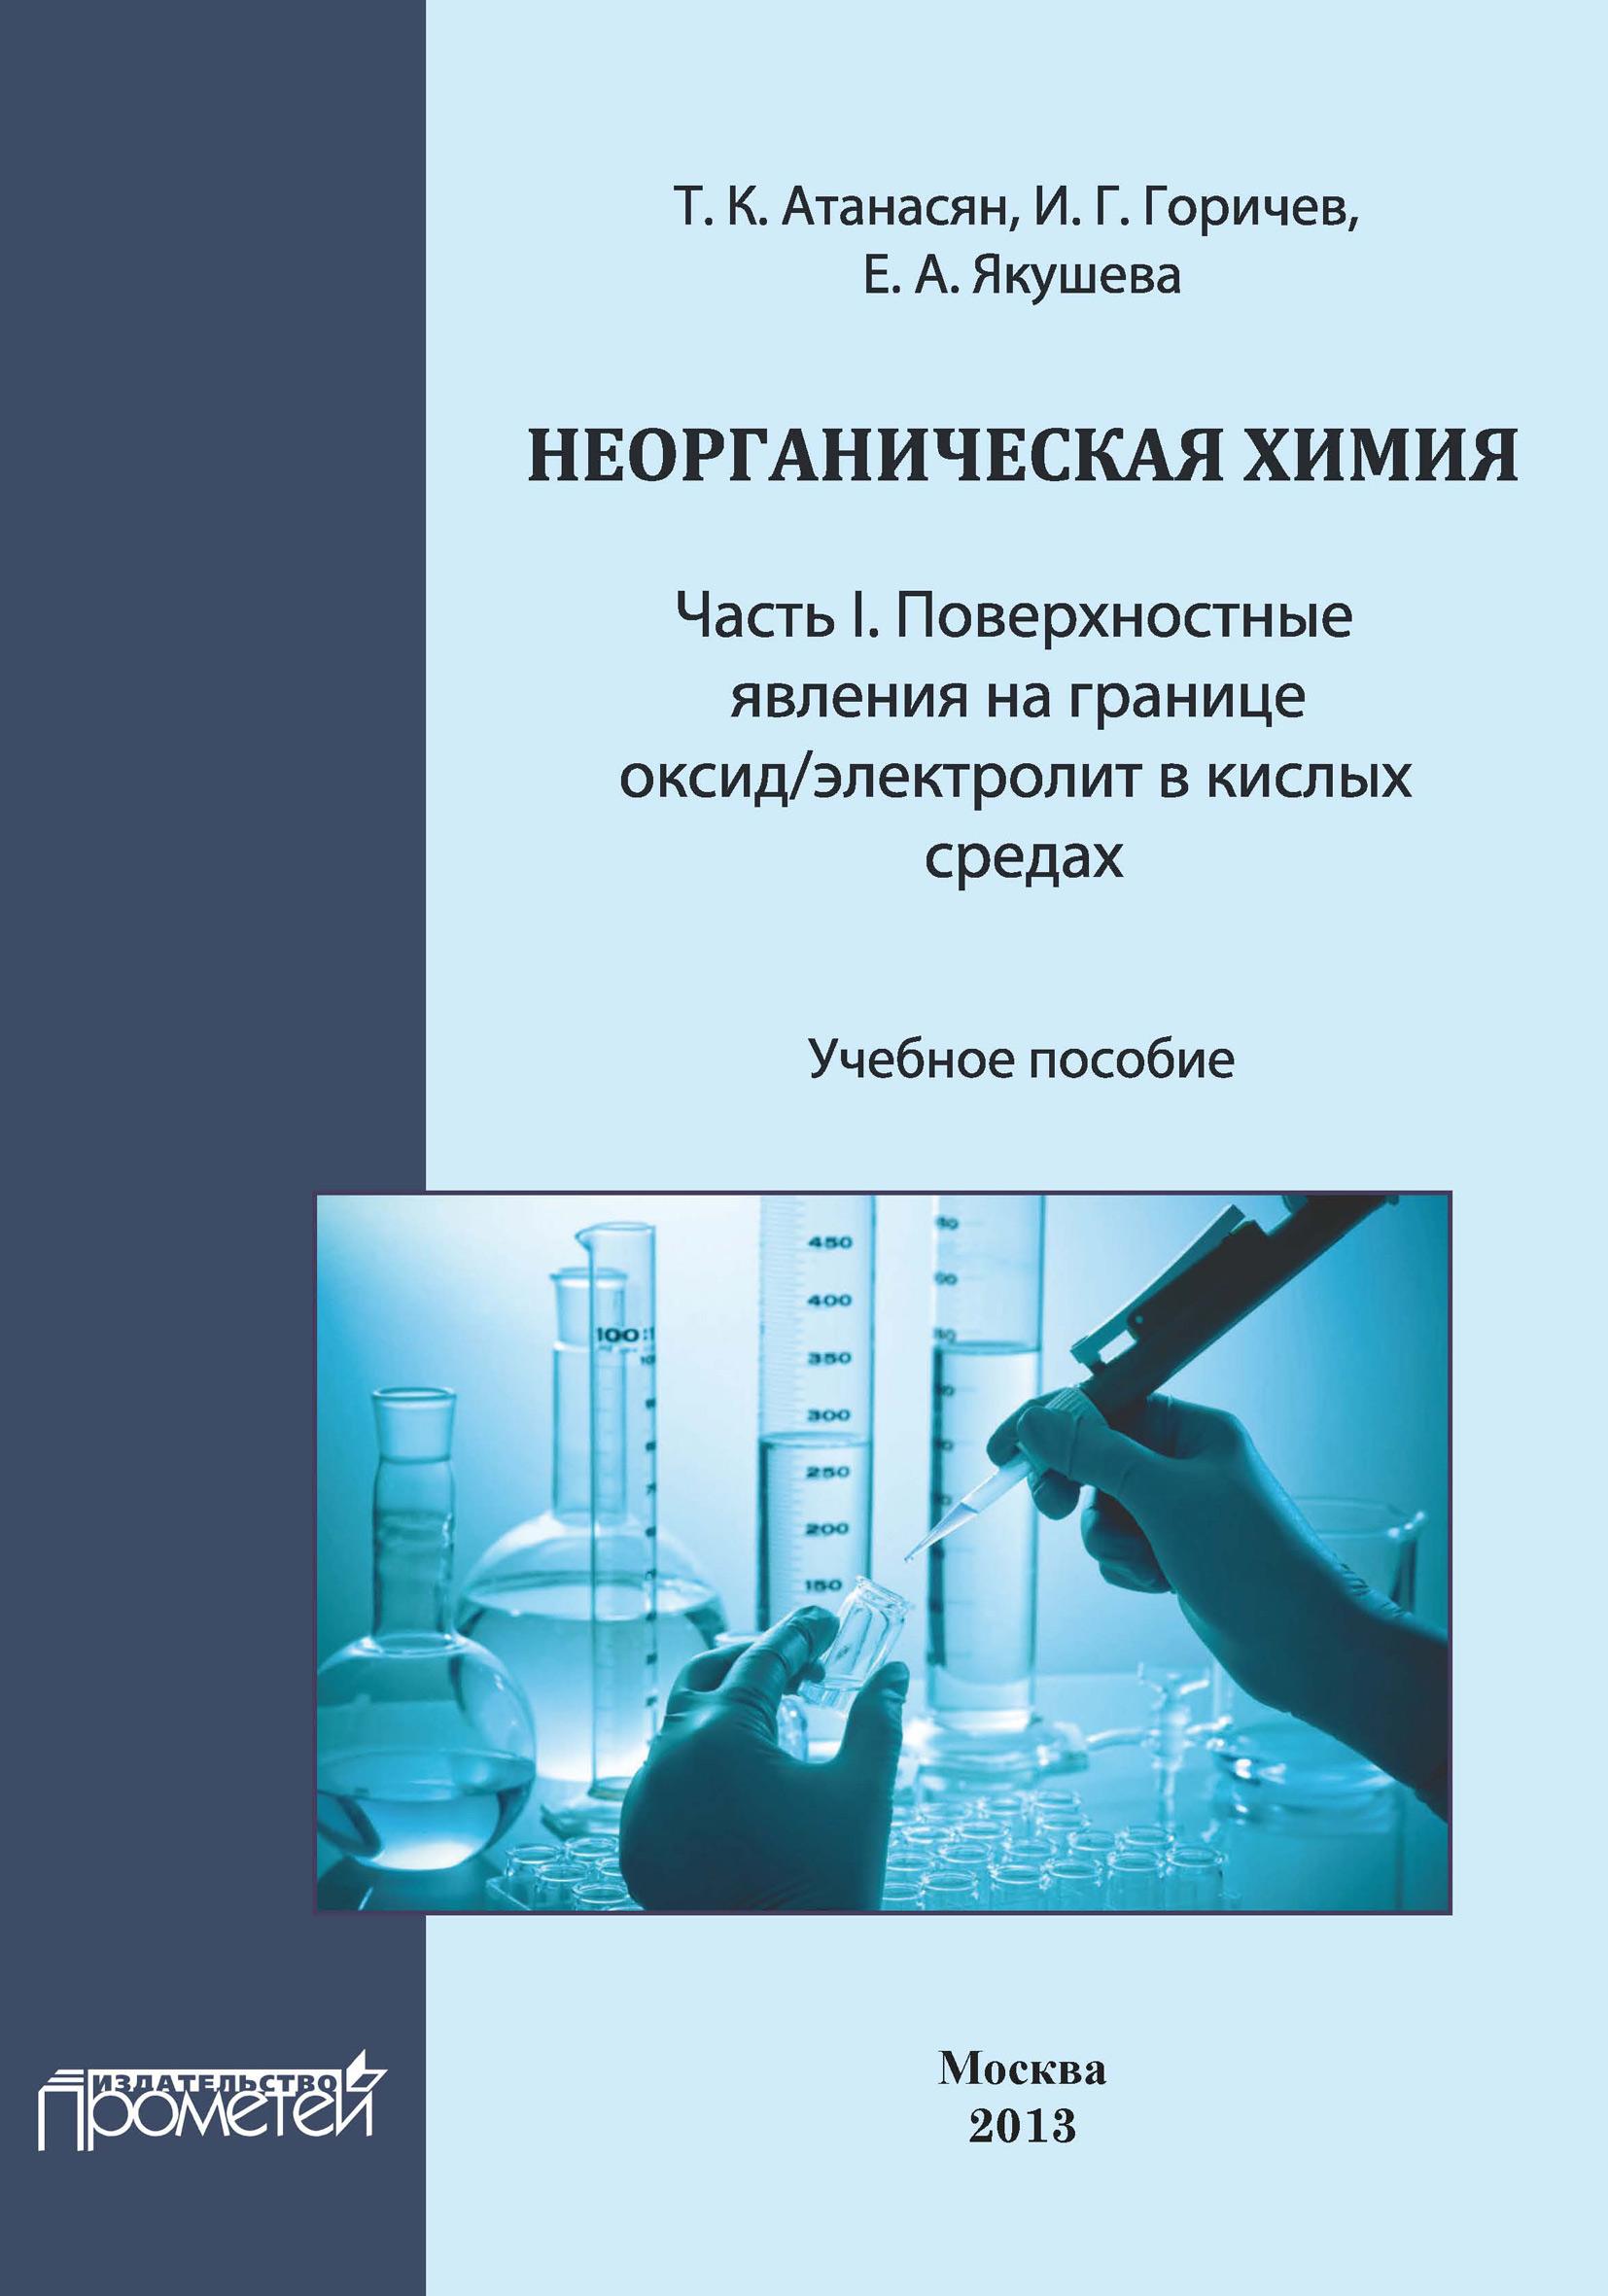 Т. К. Атанасян Неорганическая химия: Часть I. Поверхностные явления на границе оксид/ в кислых средах